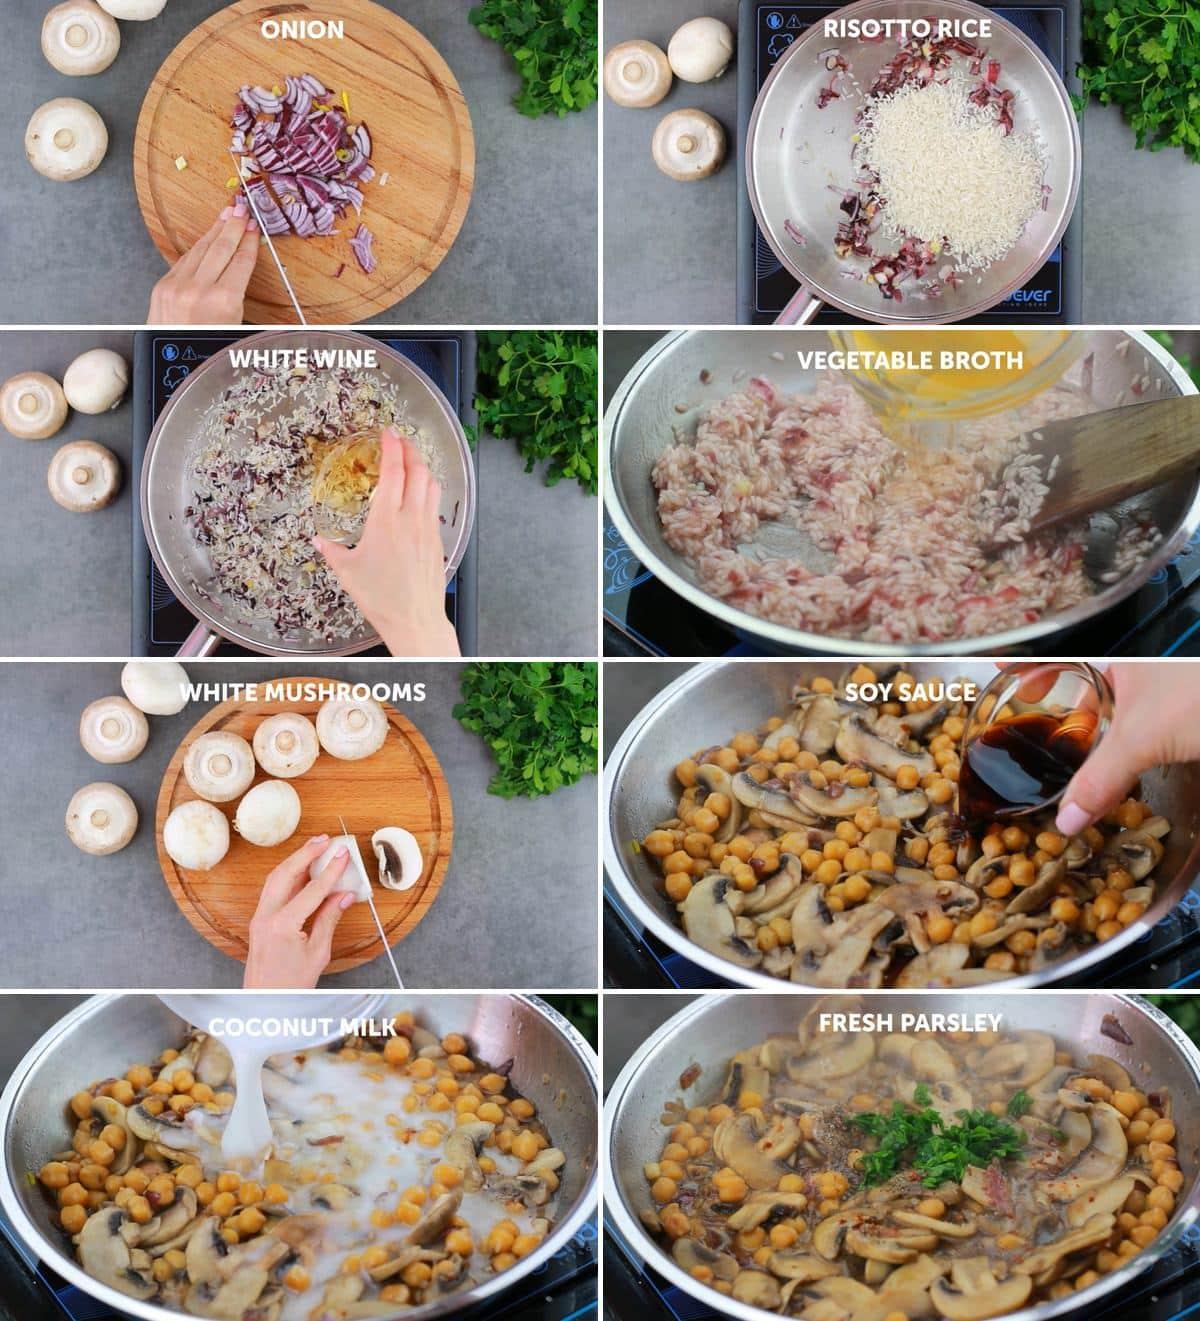 8 Zwischenschrittfotos von der Zubereitung von Risotto